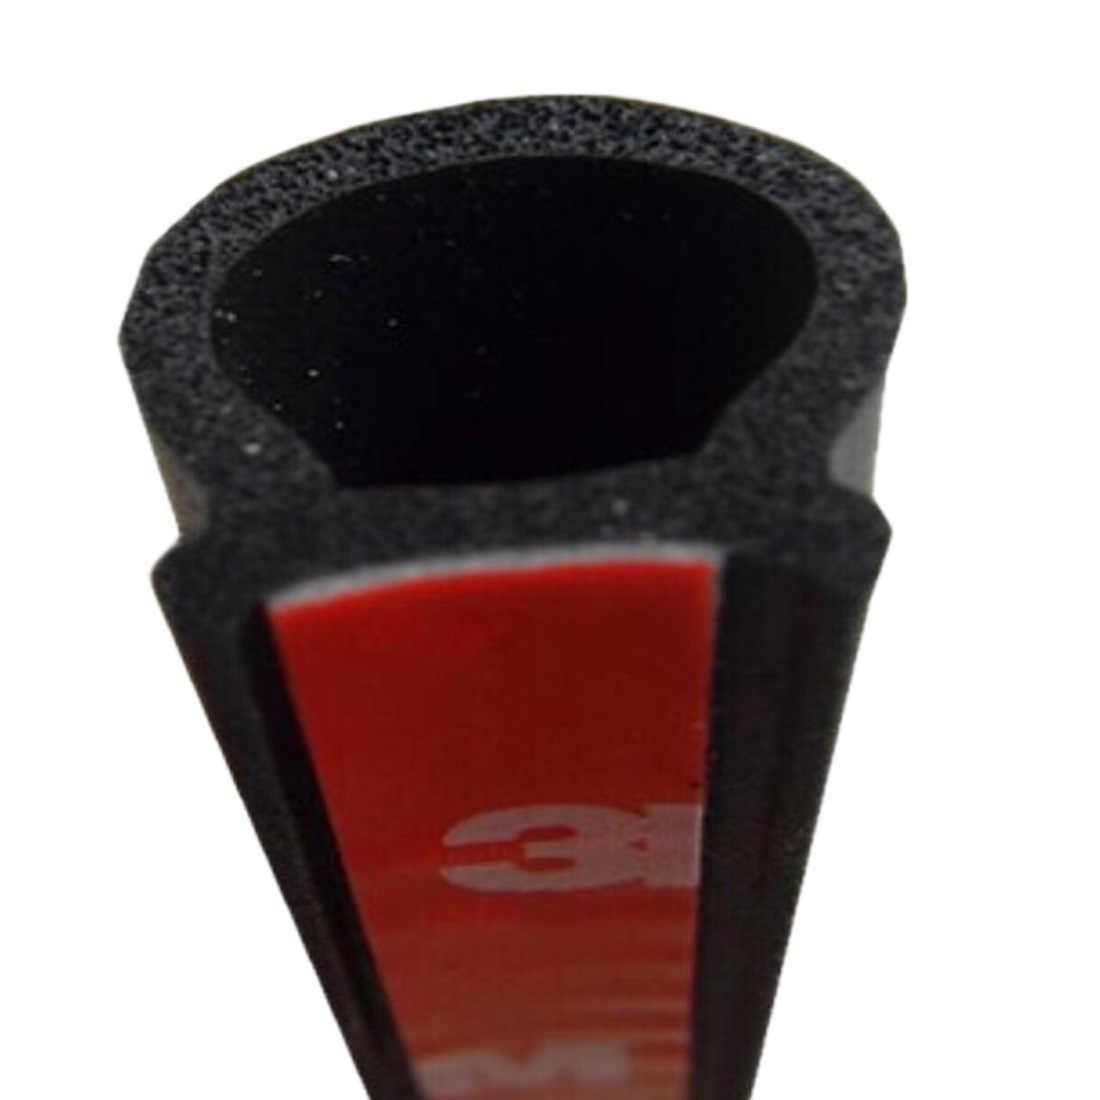 Автомобильный уплотнитель для дверей большой D маленький DType водонепроницаемый звукоизоляционный звукоизолирующий уплотнитель EPDM резиновые уплотнительные полоски